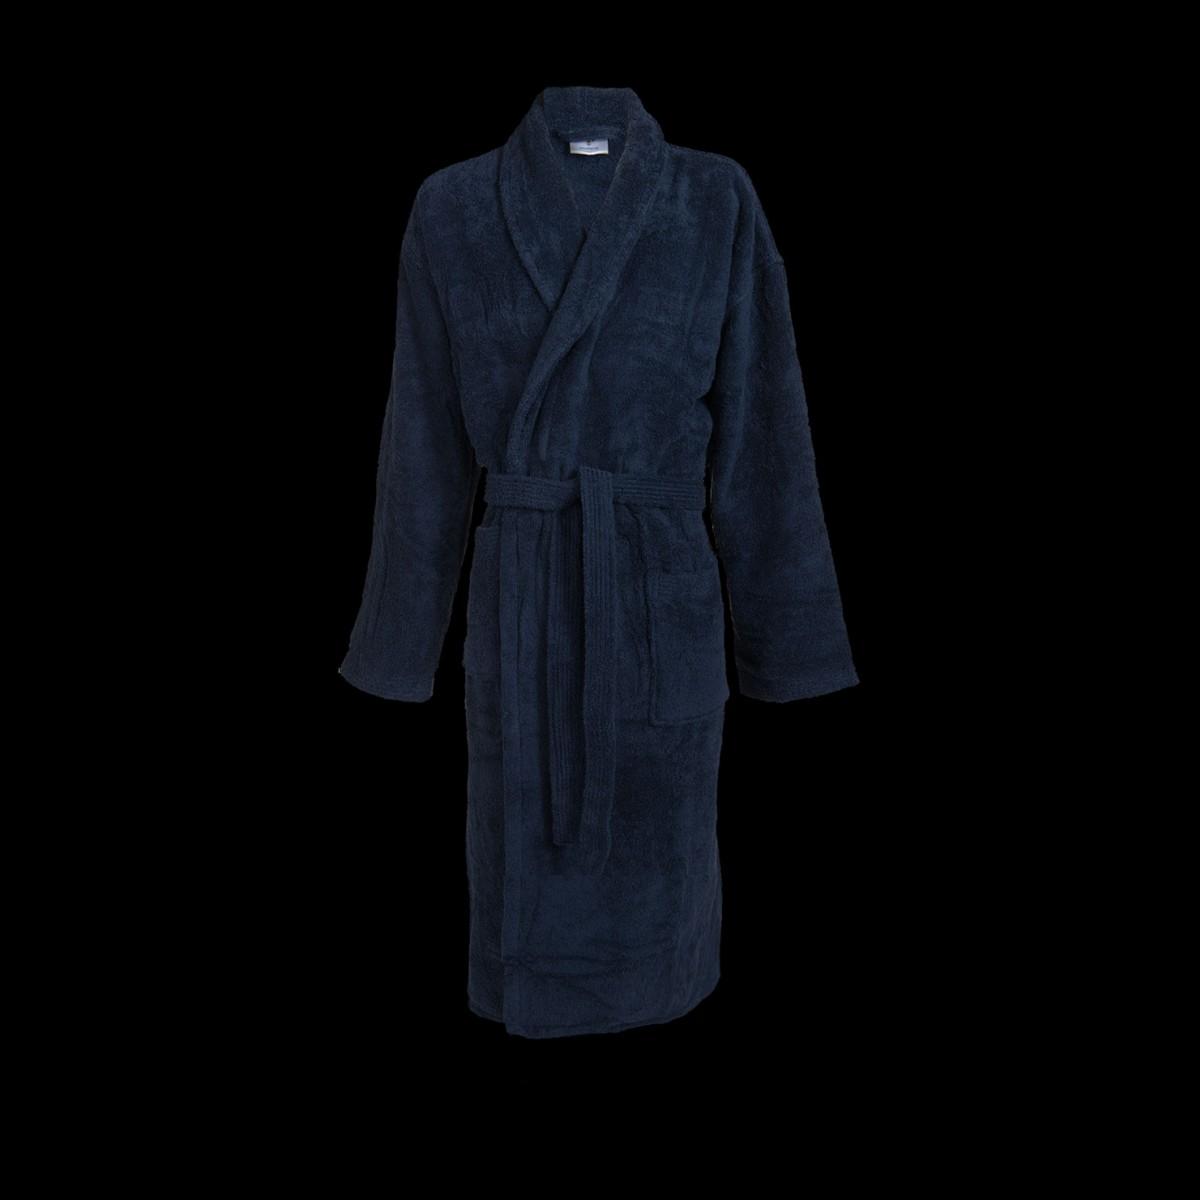 blauwe-grote-maten-badjas